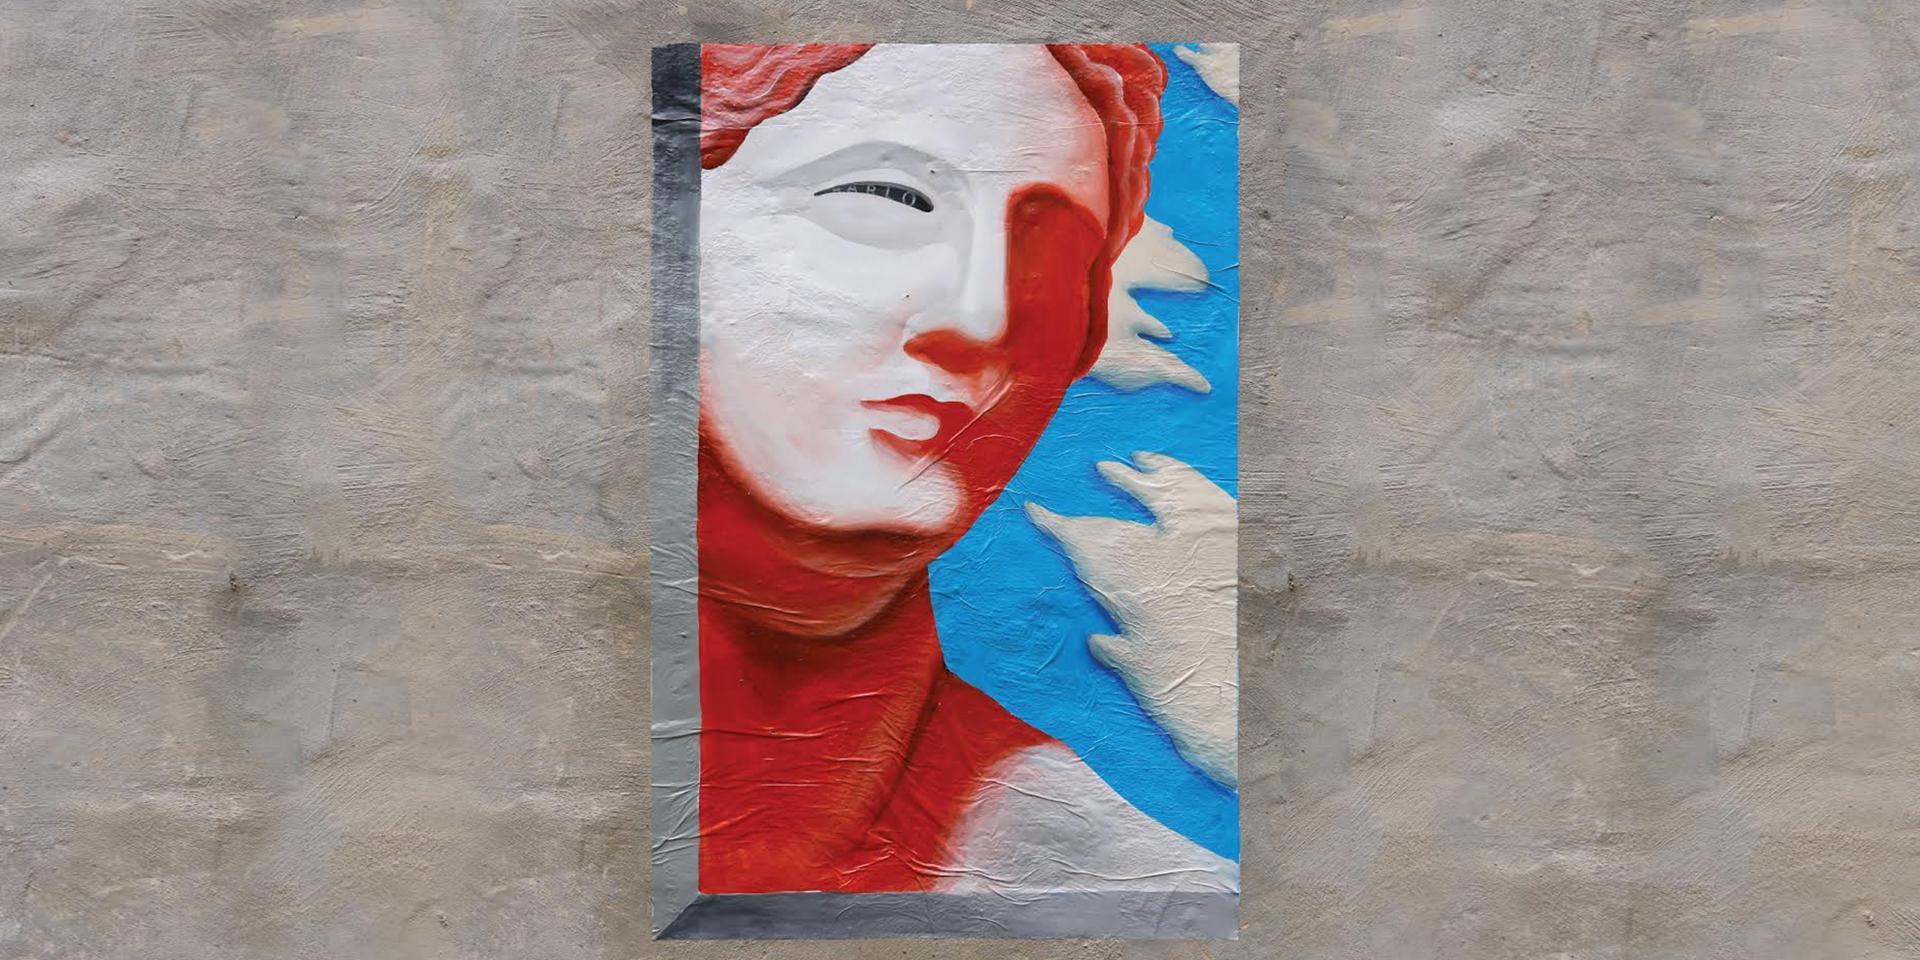 Festival Fringe apresenta grafites em papel de arroz no Porto Interior